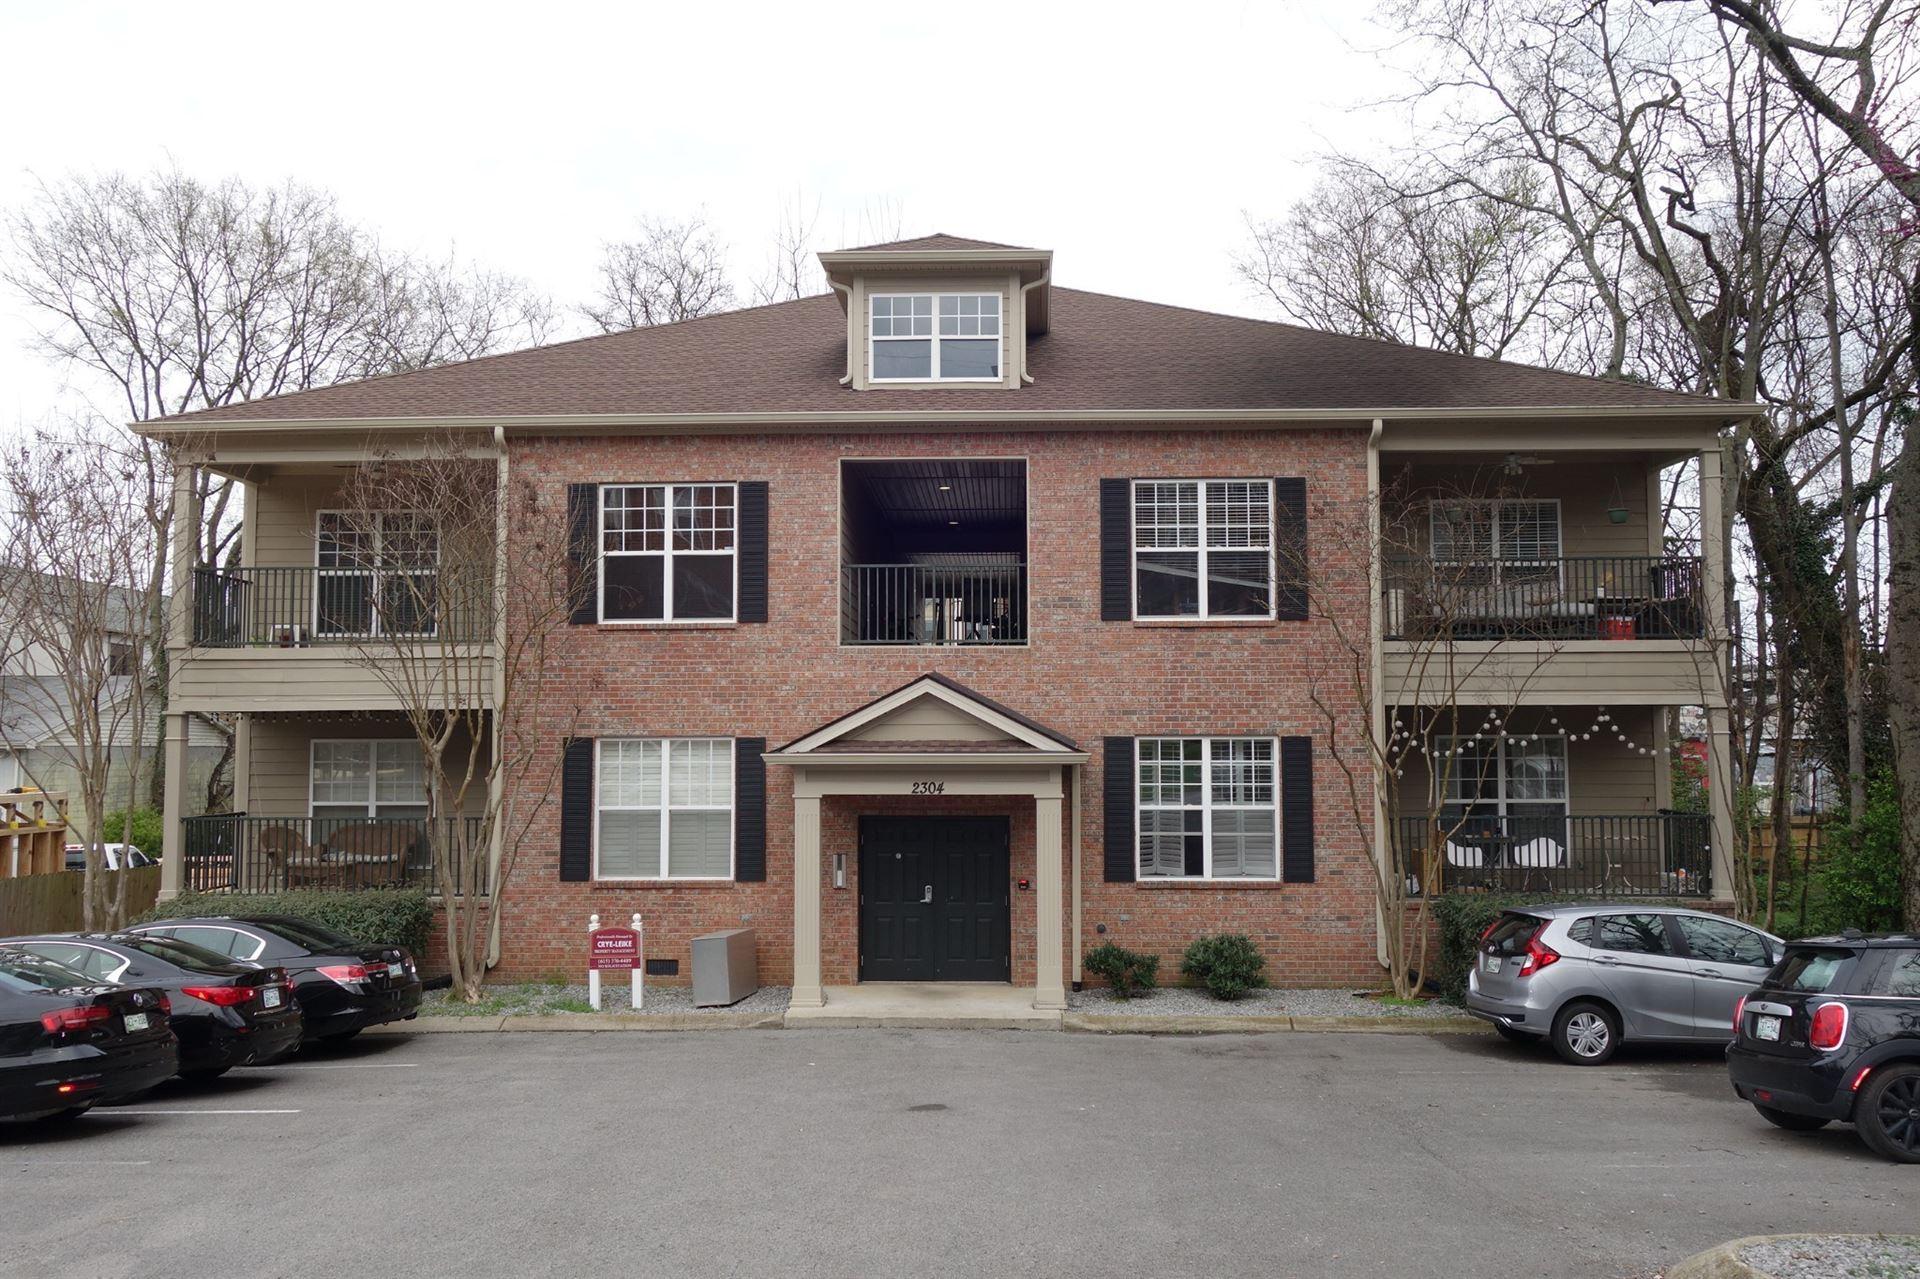 Photo of 2304 Elliott Ave #103, Nashville, TN 37204 (MLS # 2178185)